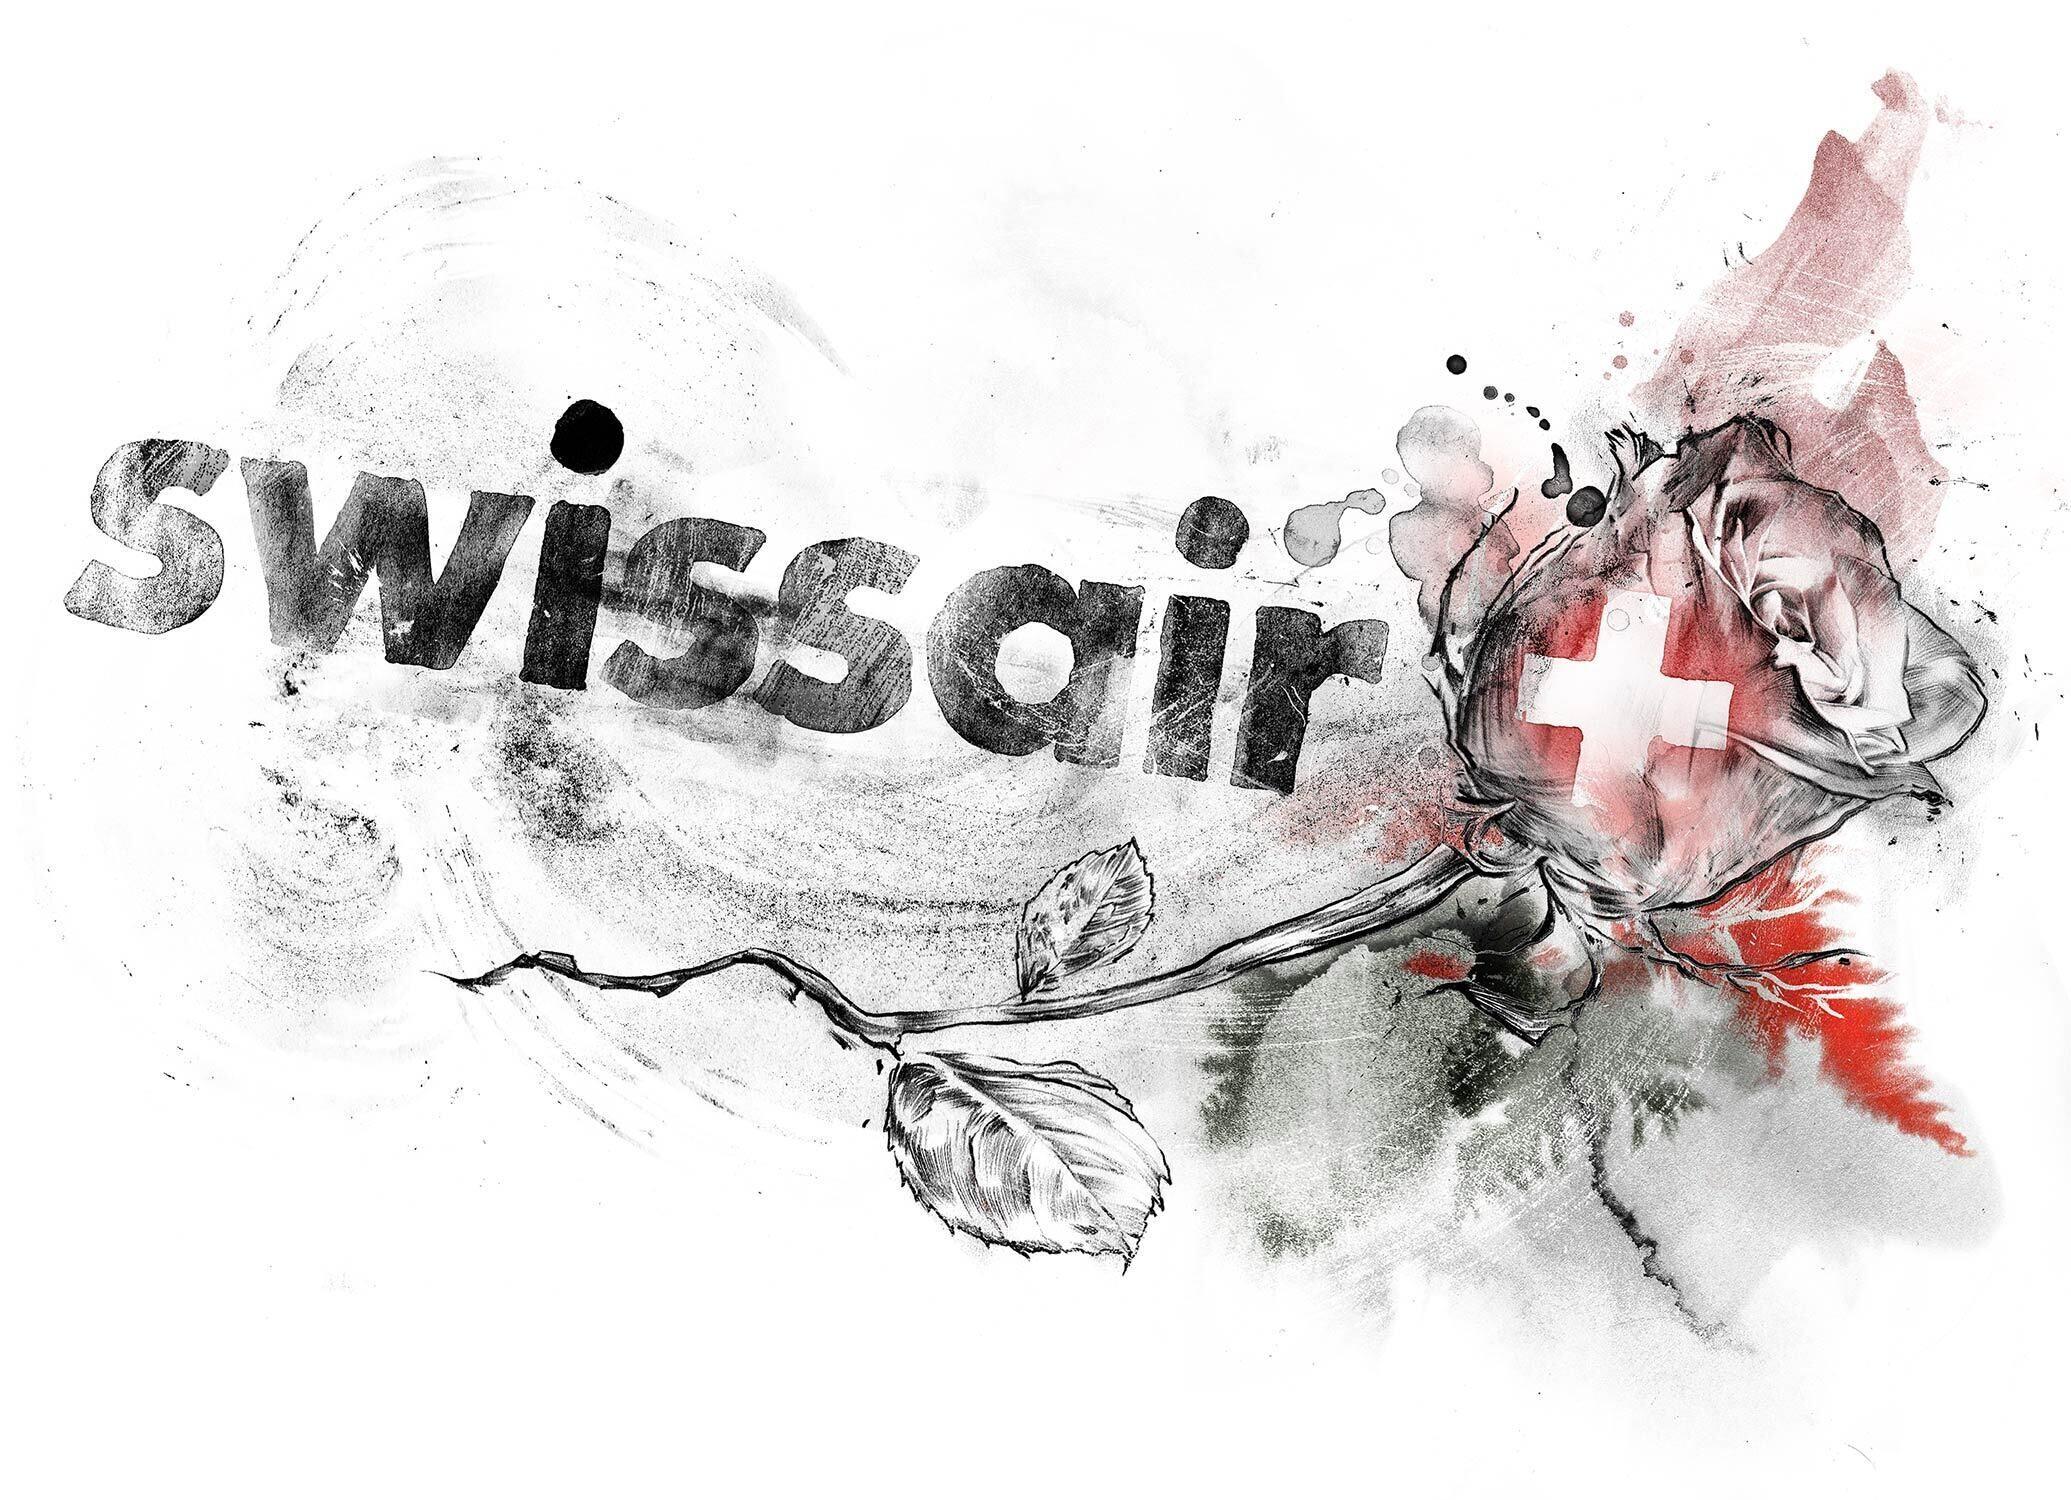 Swissair - Kornel Illustration | Kornel Stadler portfolio